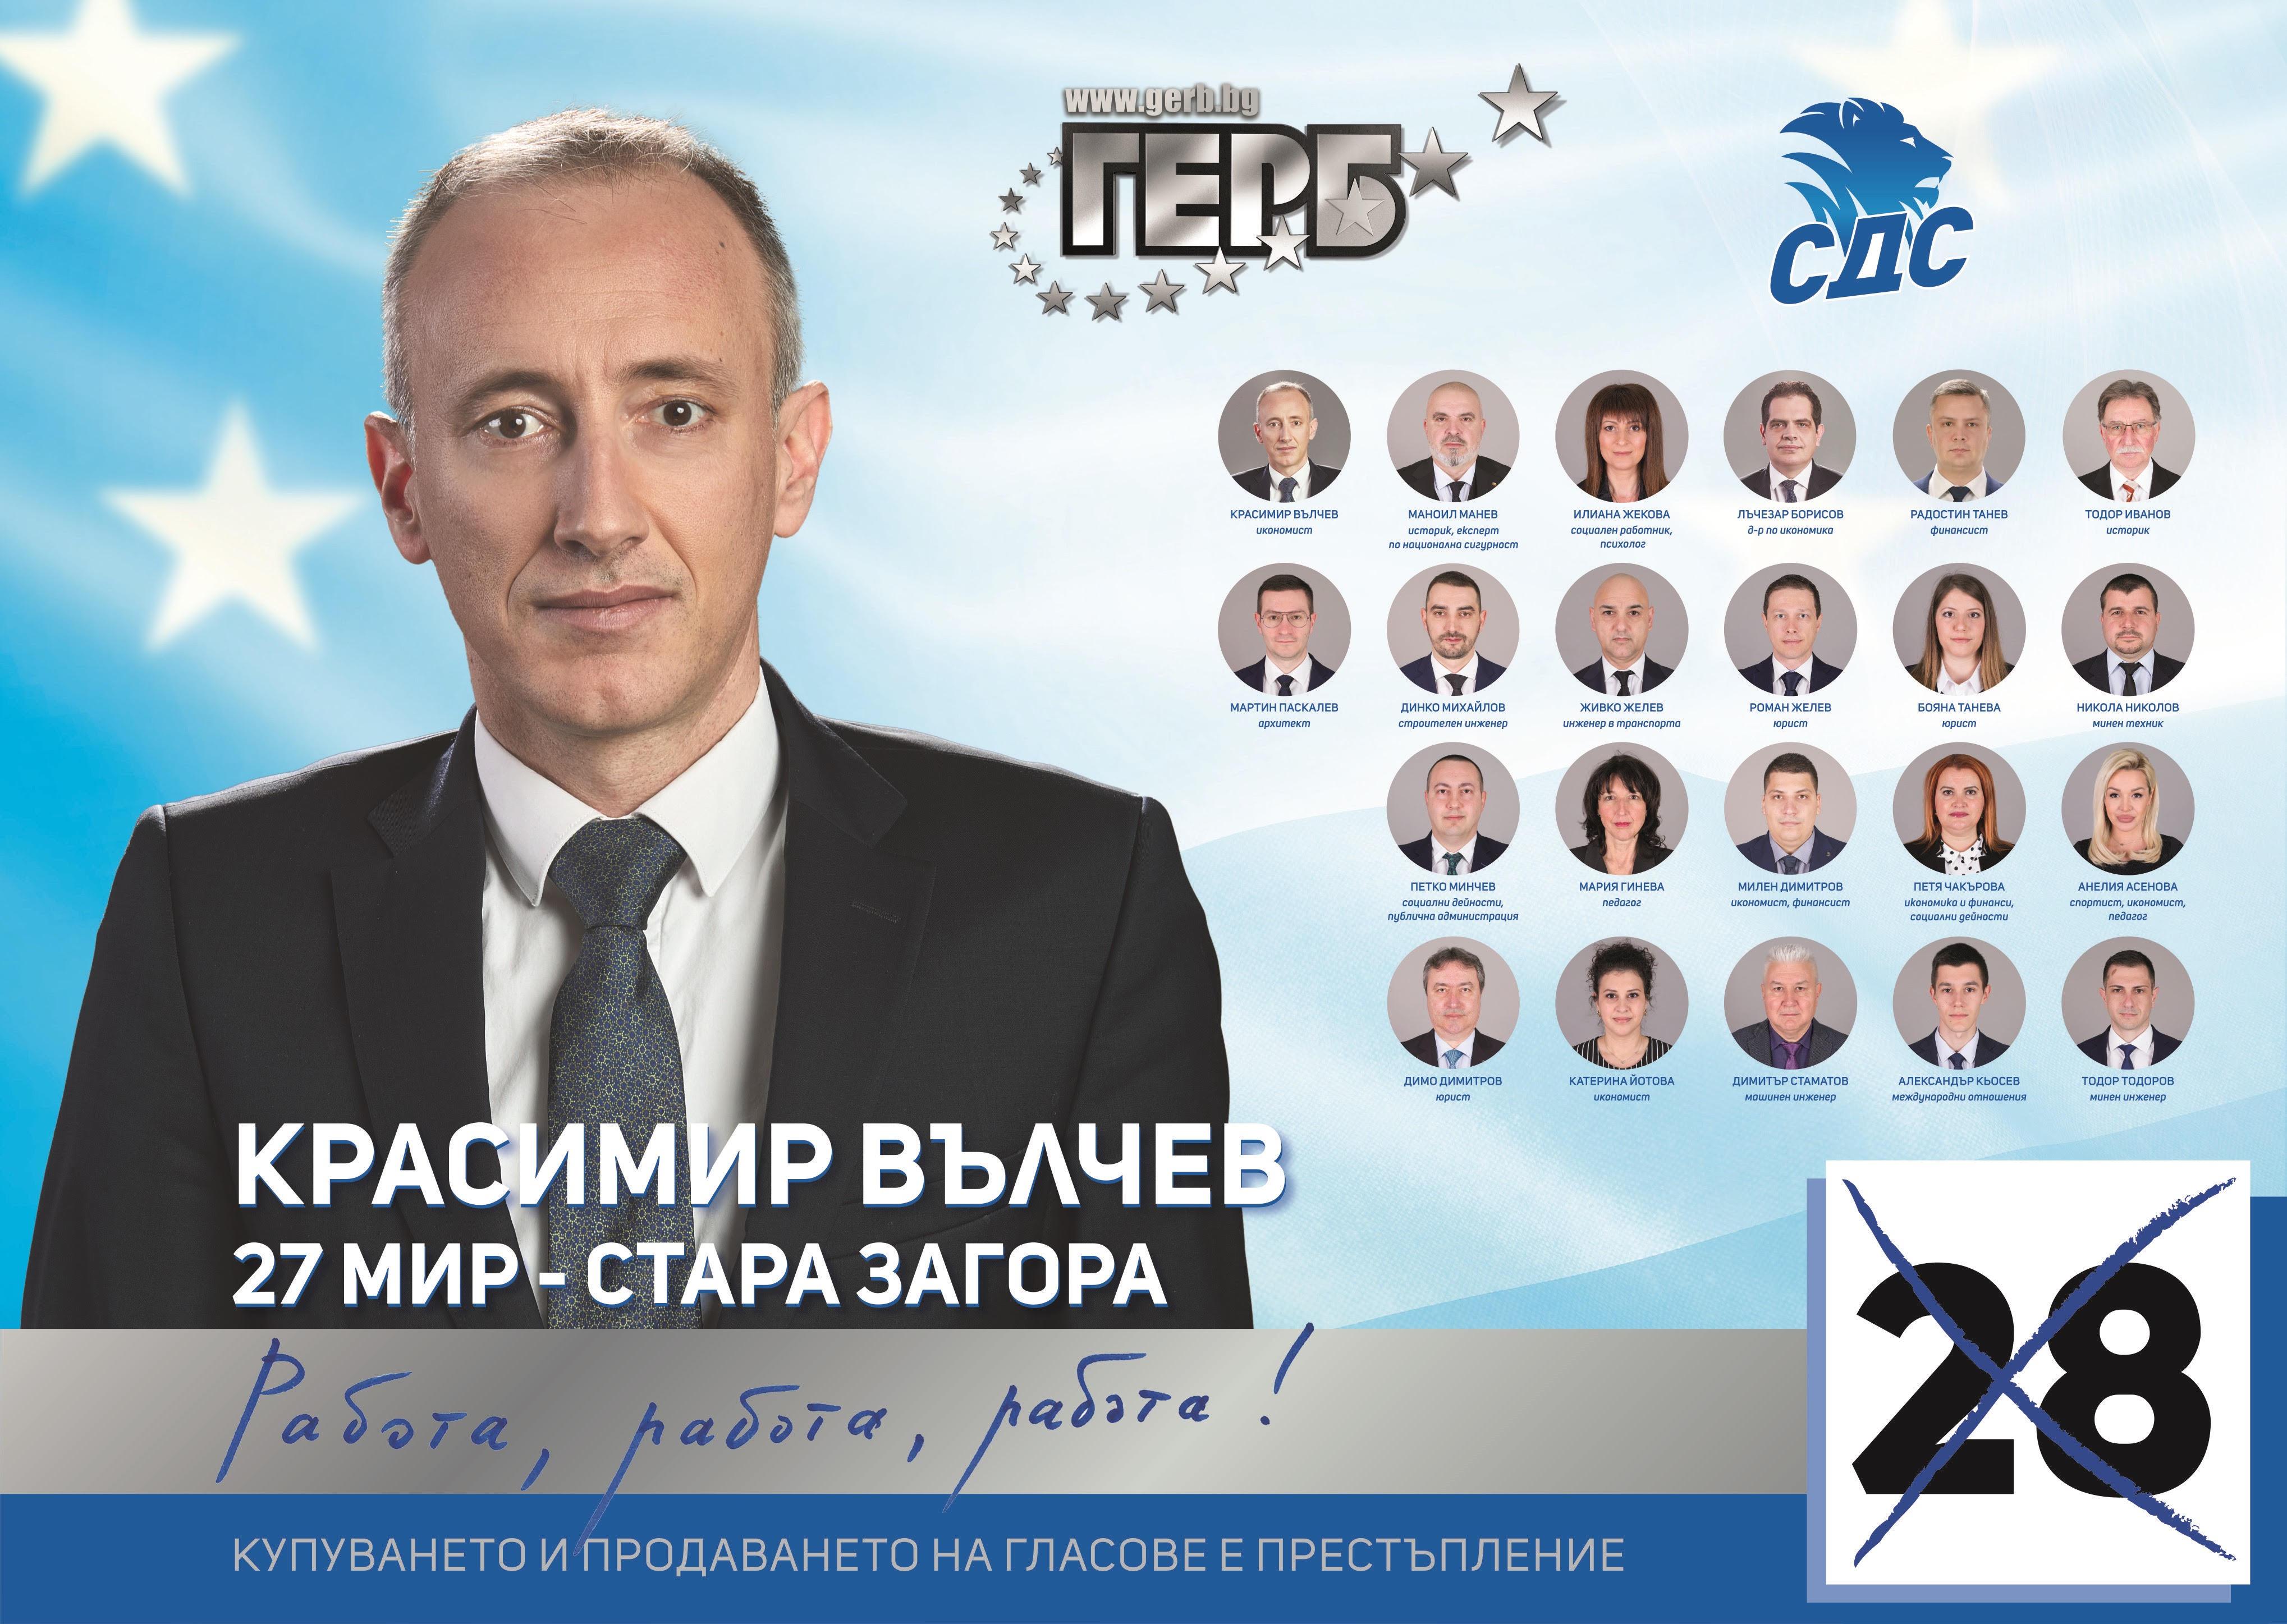 Кандидатите за народни представители от ГЕРБ – Стара Загора отговарят на въпроси онлайн